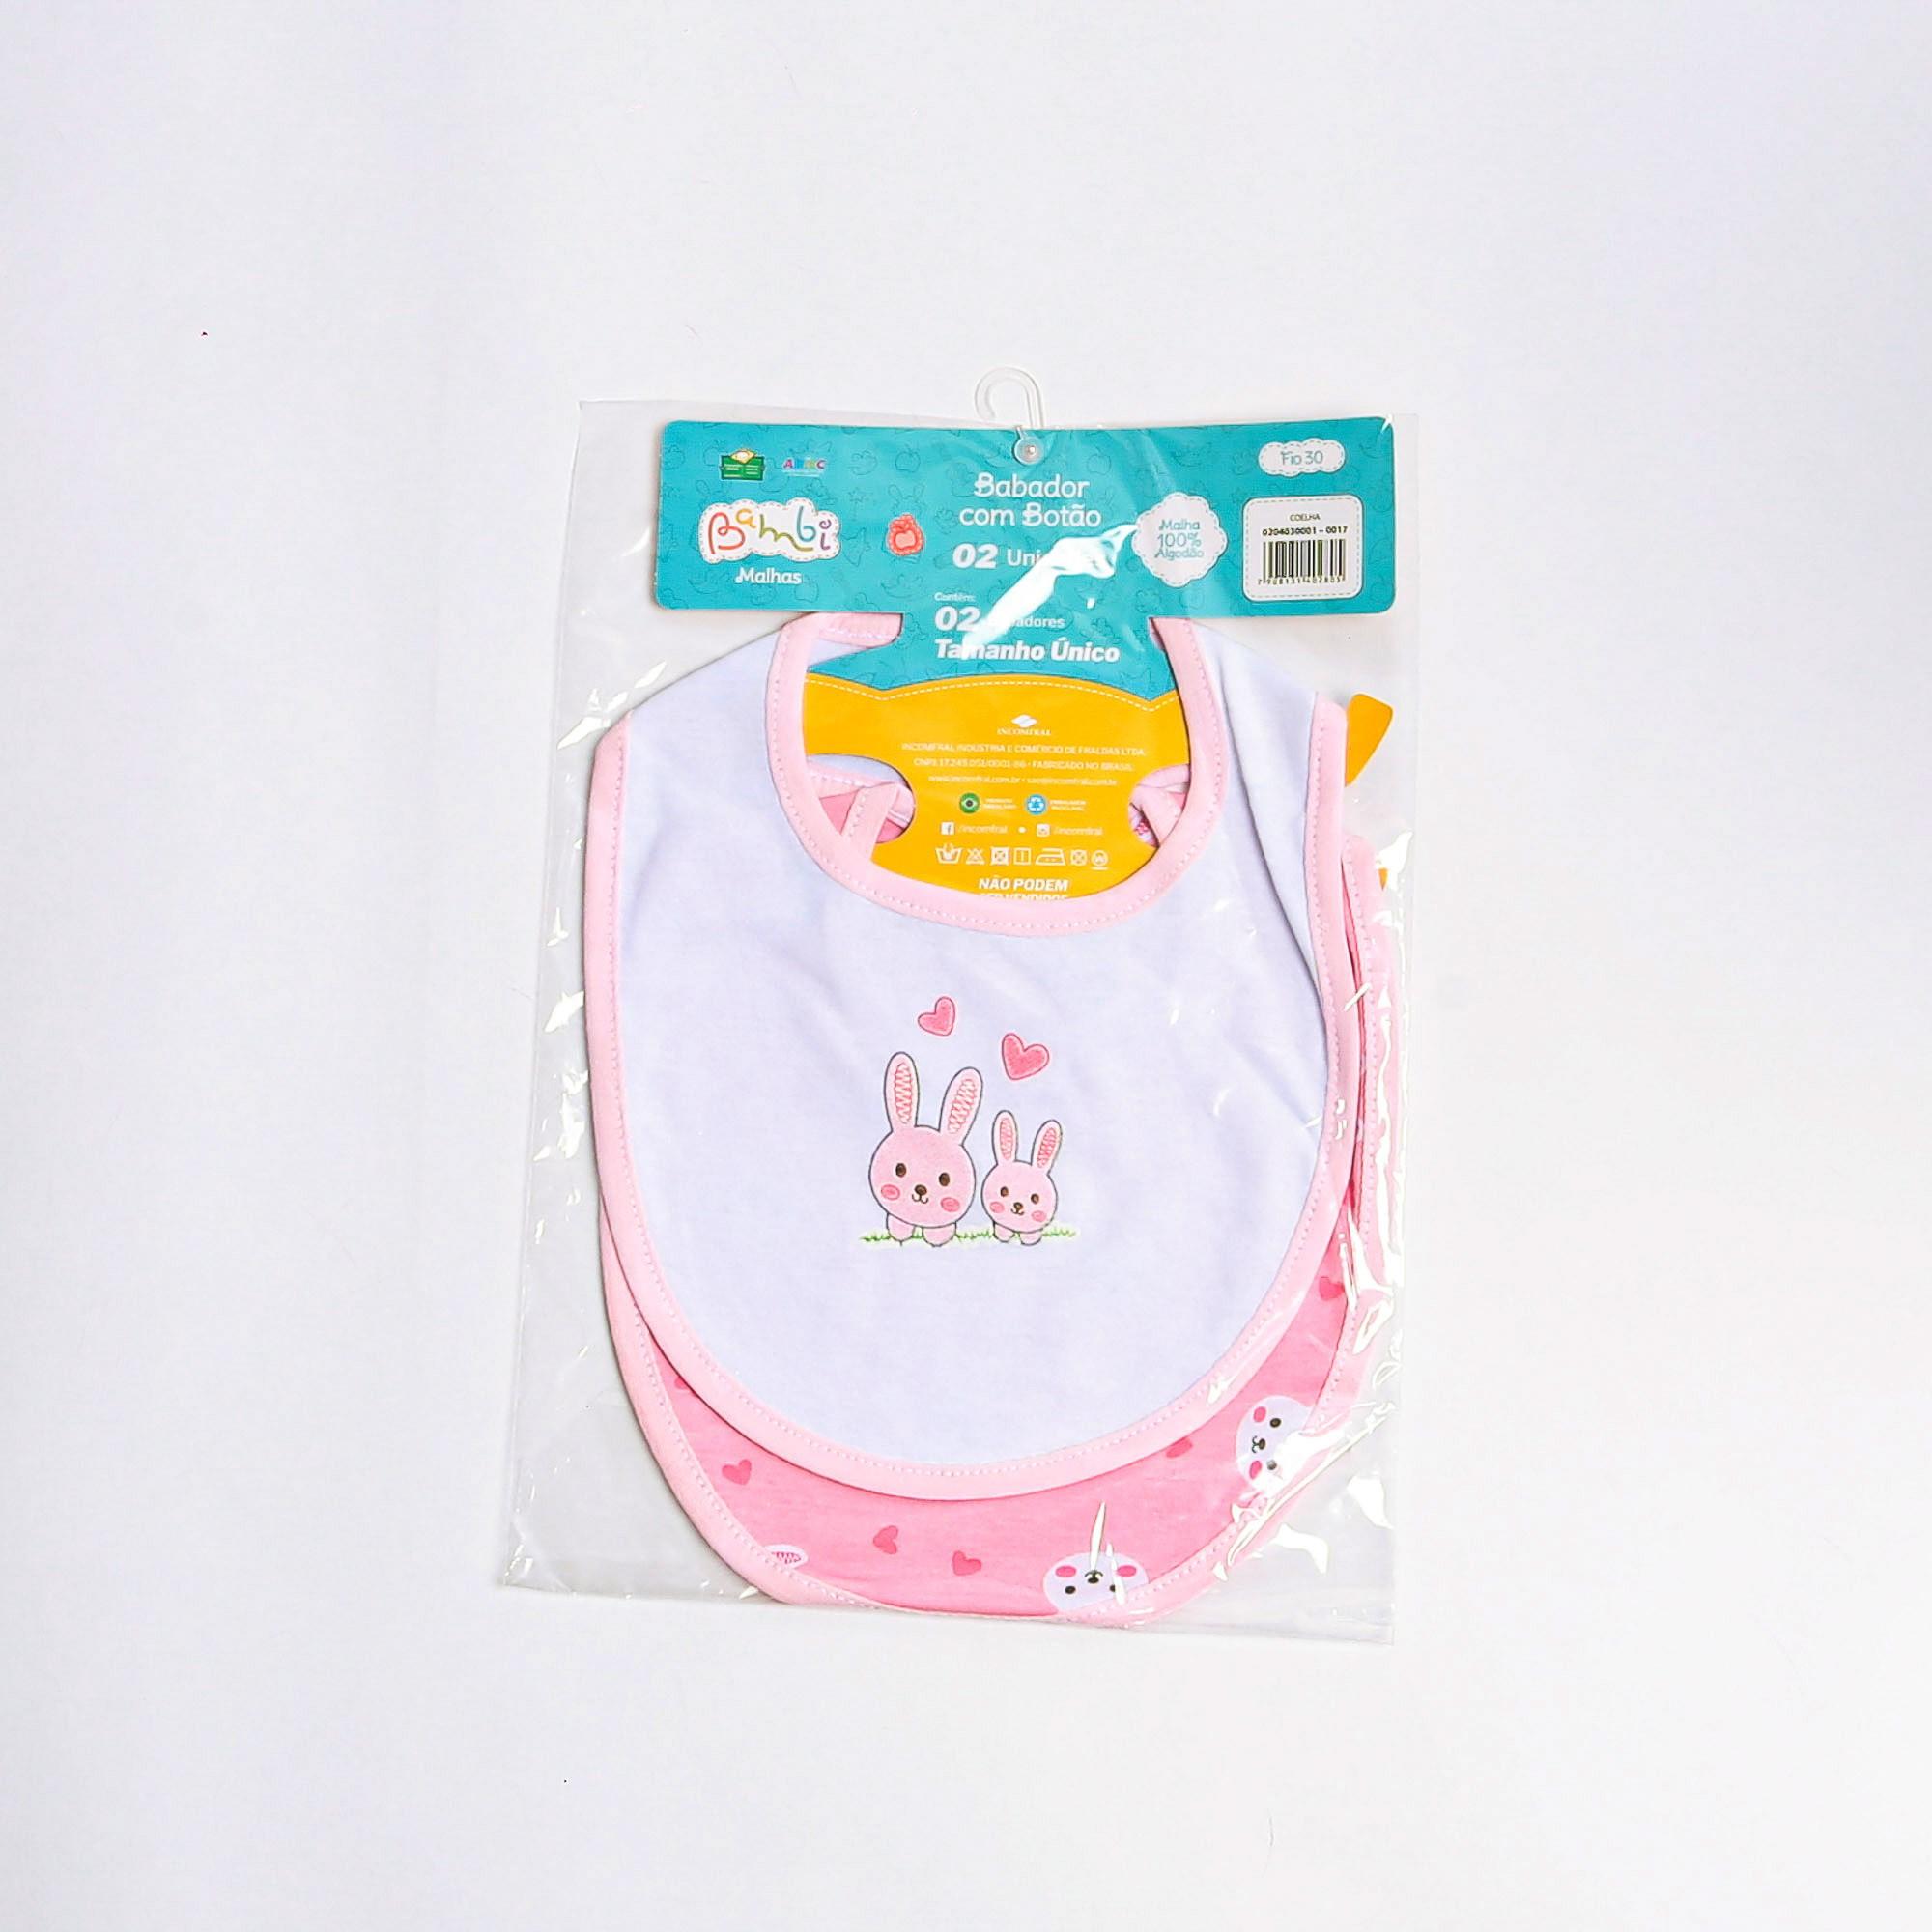 kit Com 2 Babadores Com Botão Malha Para Bebê Estampado - Incomfral